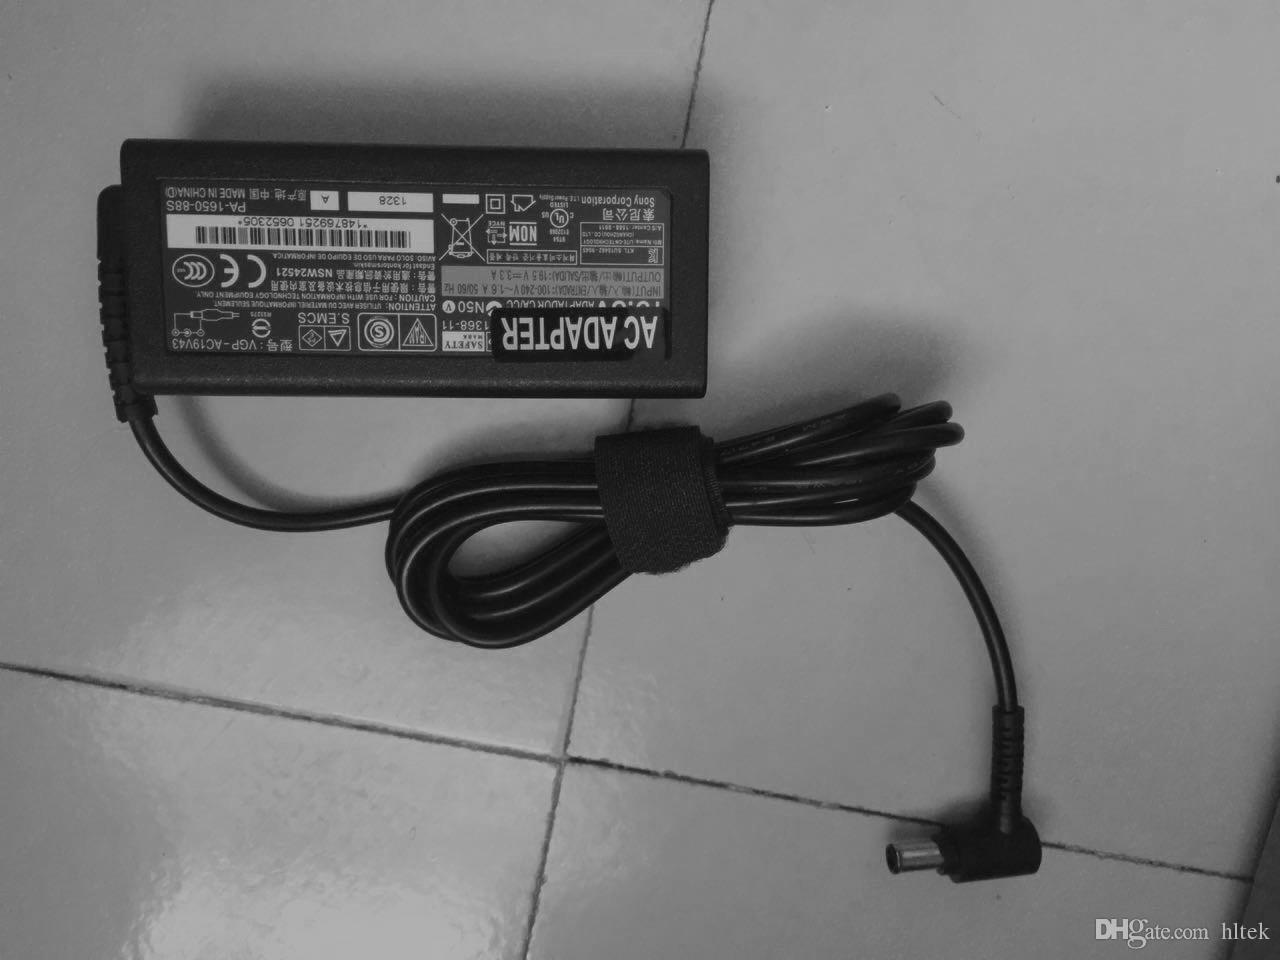 Lenovo Original Charger Adaptor 20v2 25a Usb Central Pin Daftar Casan Laptop Notebook G40 30 45 70 G400s G405s G500s G505s 20v 325a Grade Ori Genuine 65w For Sony Vaio 195v 33a Vgp Ac19v48 Ac Adapter